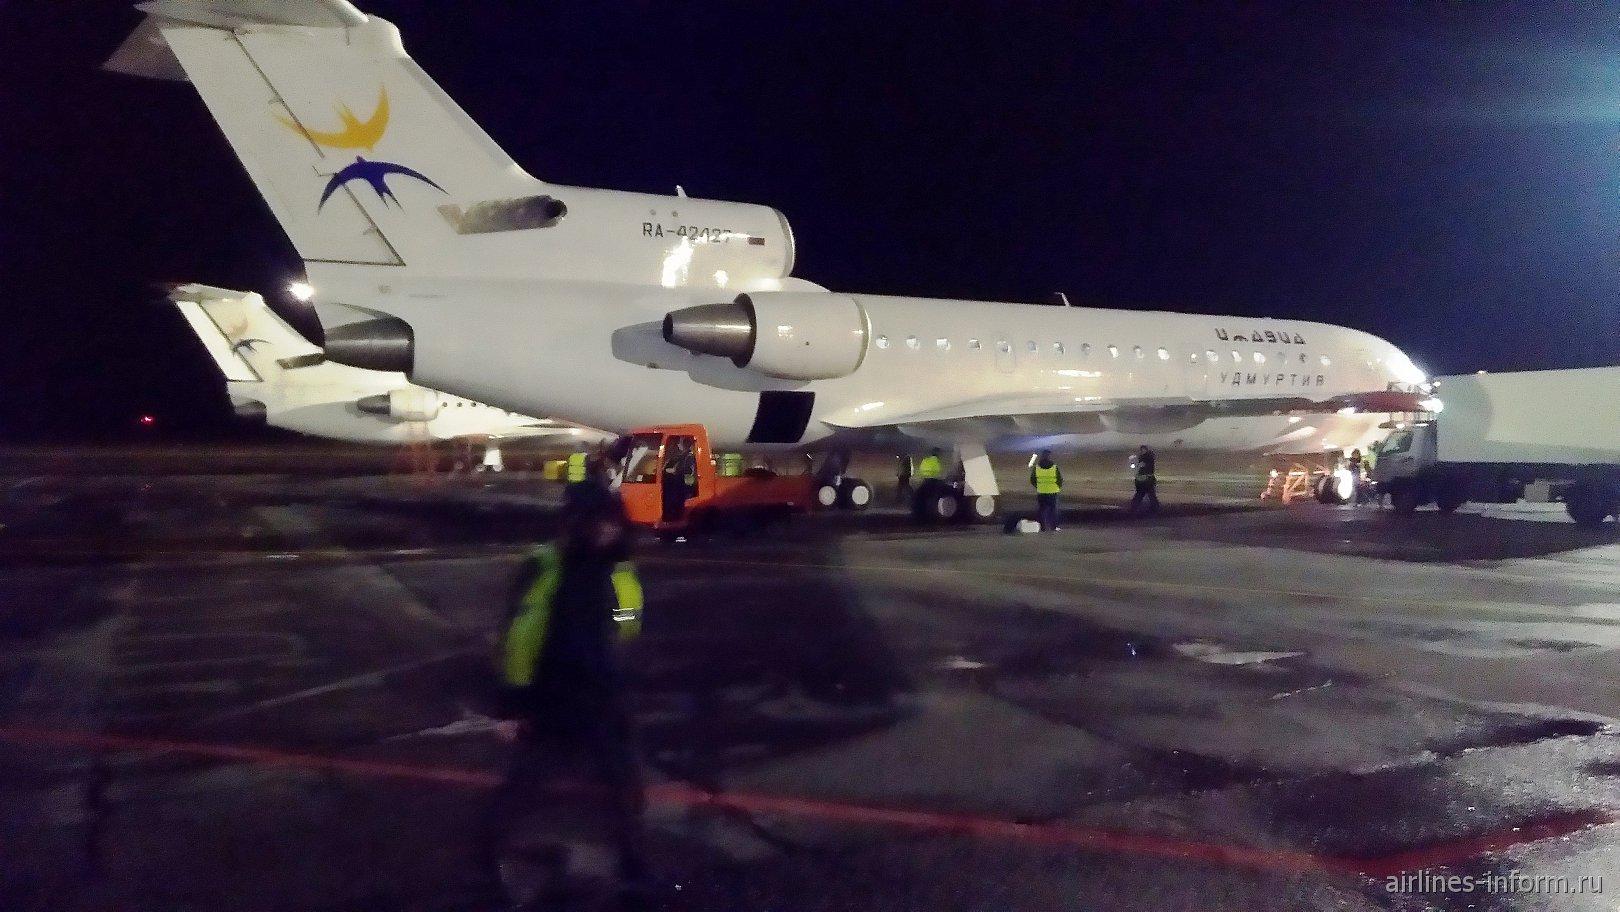 Ижавиа: Екатеринбург - Ижевск на Як-42 + Анонс видеоинтервью с гендиректором Ижавиа на YouTube!!